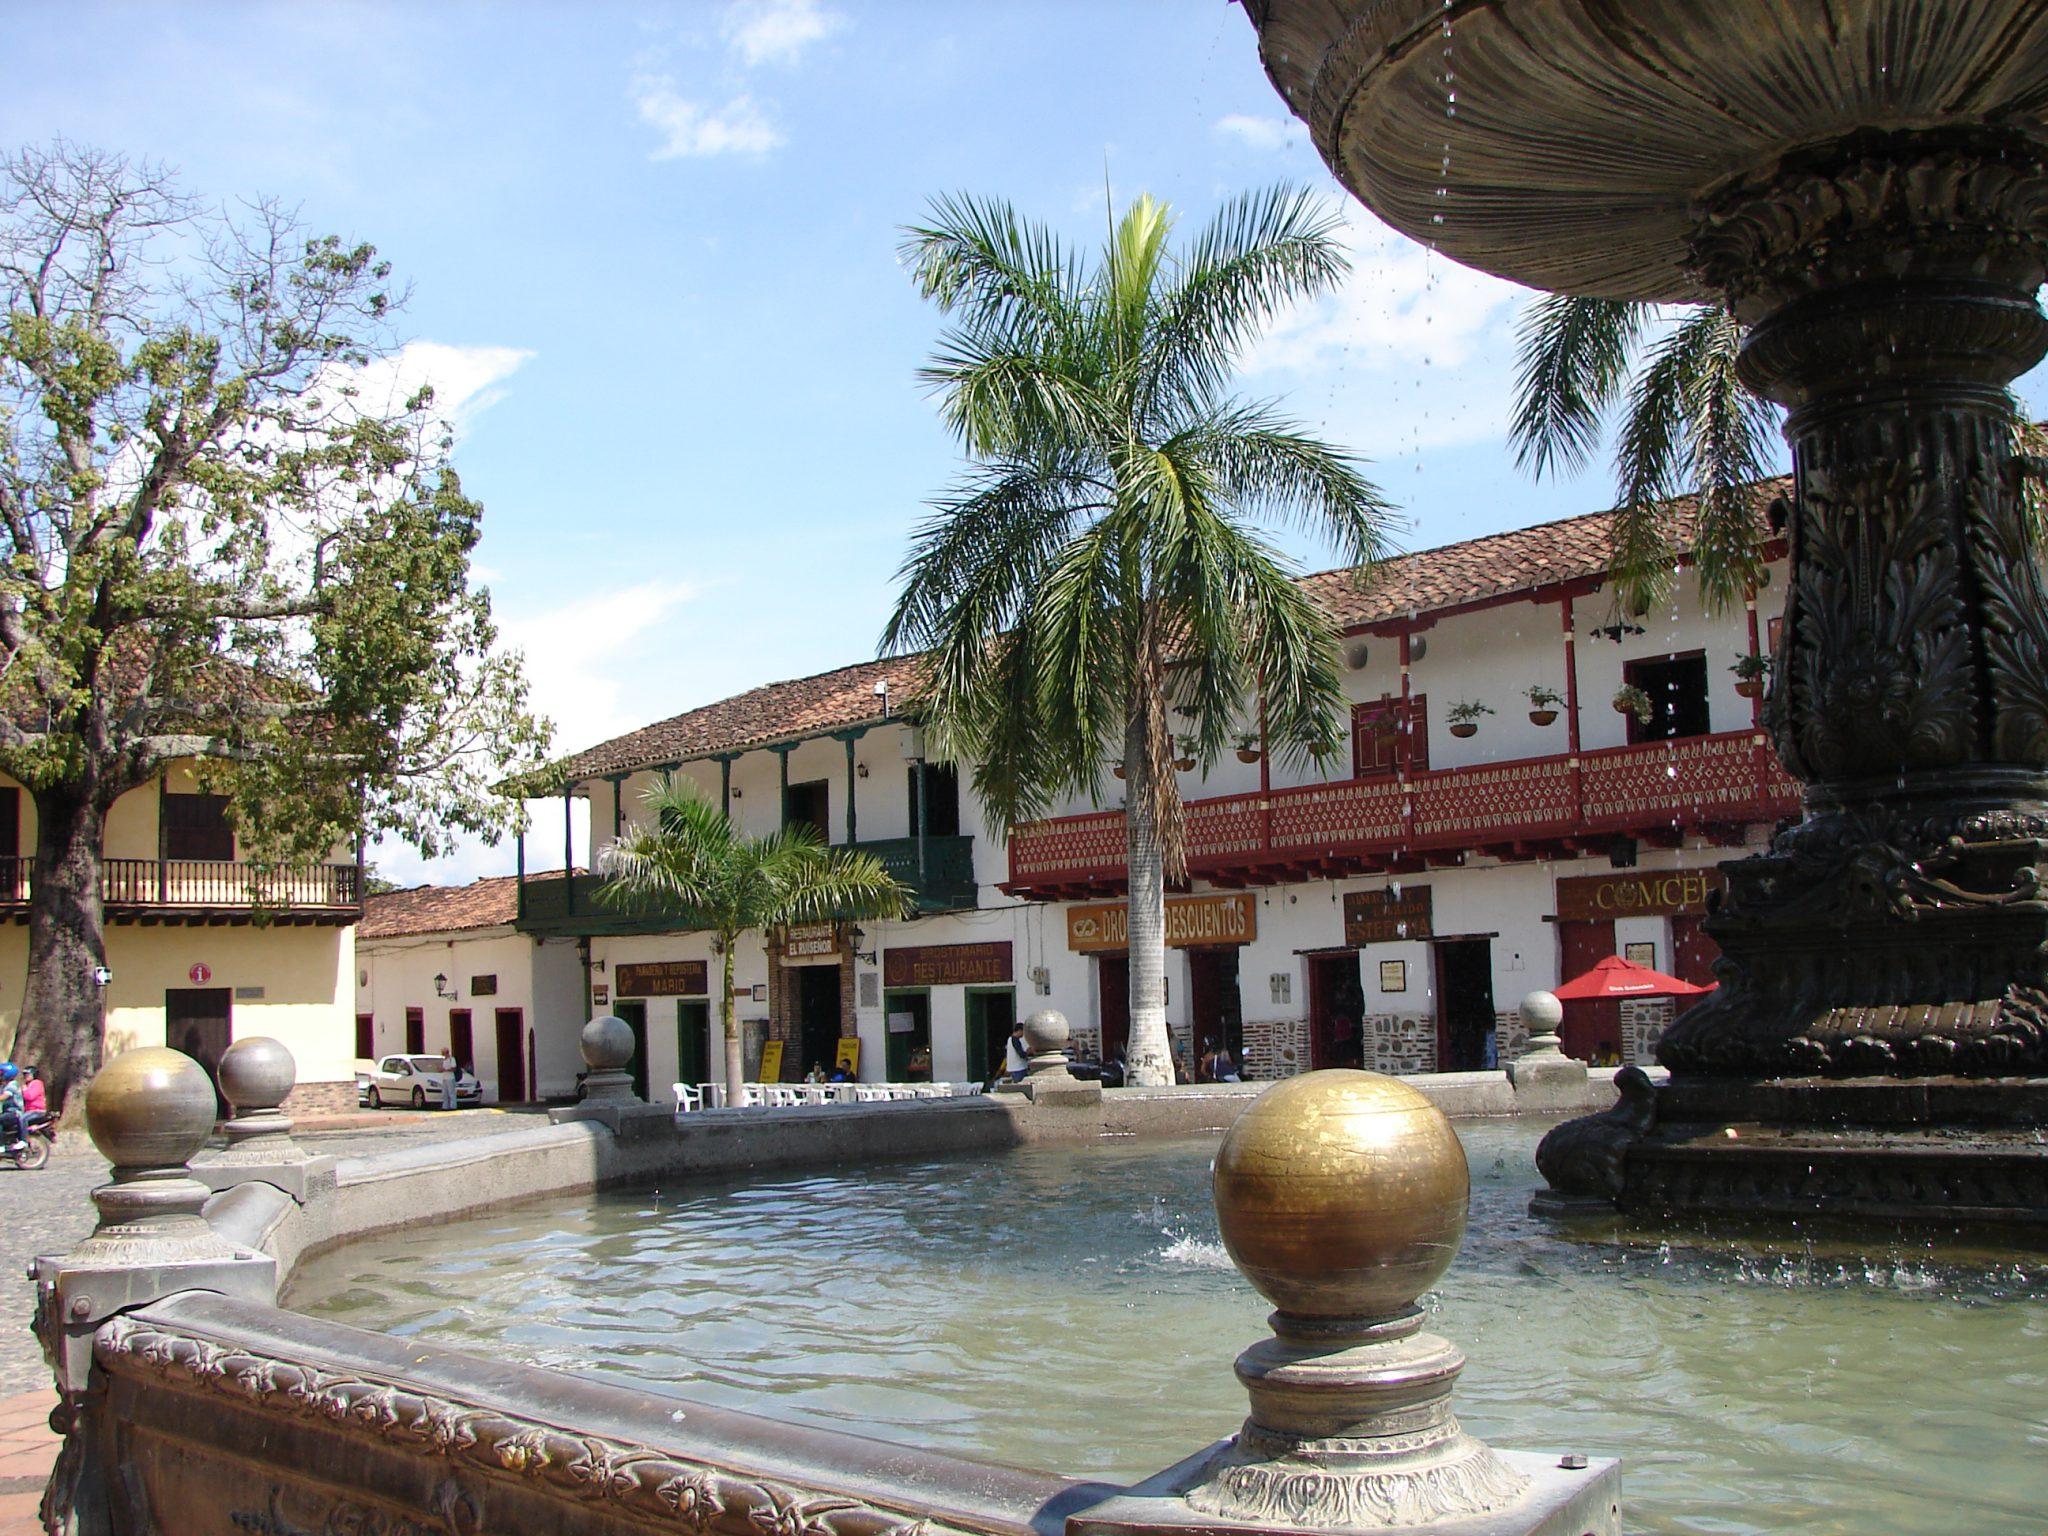 Santa Fe de Antioquia, a traditional colonial place